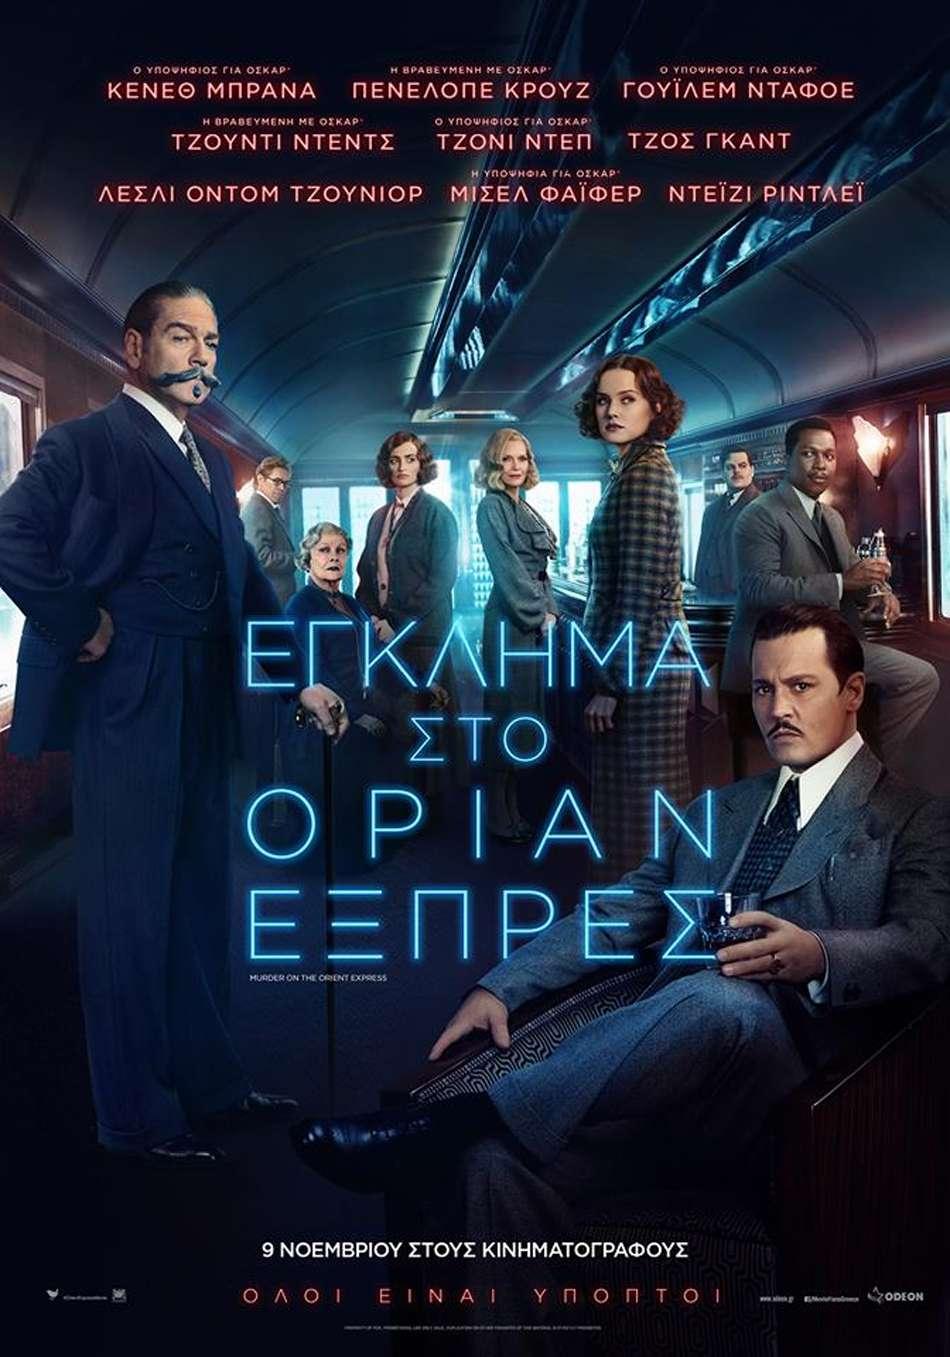 Έγκλημα στο Οριάν Εξπρές (Murder On The Orient Express) Poster Πόστερ